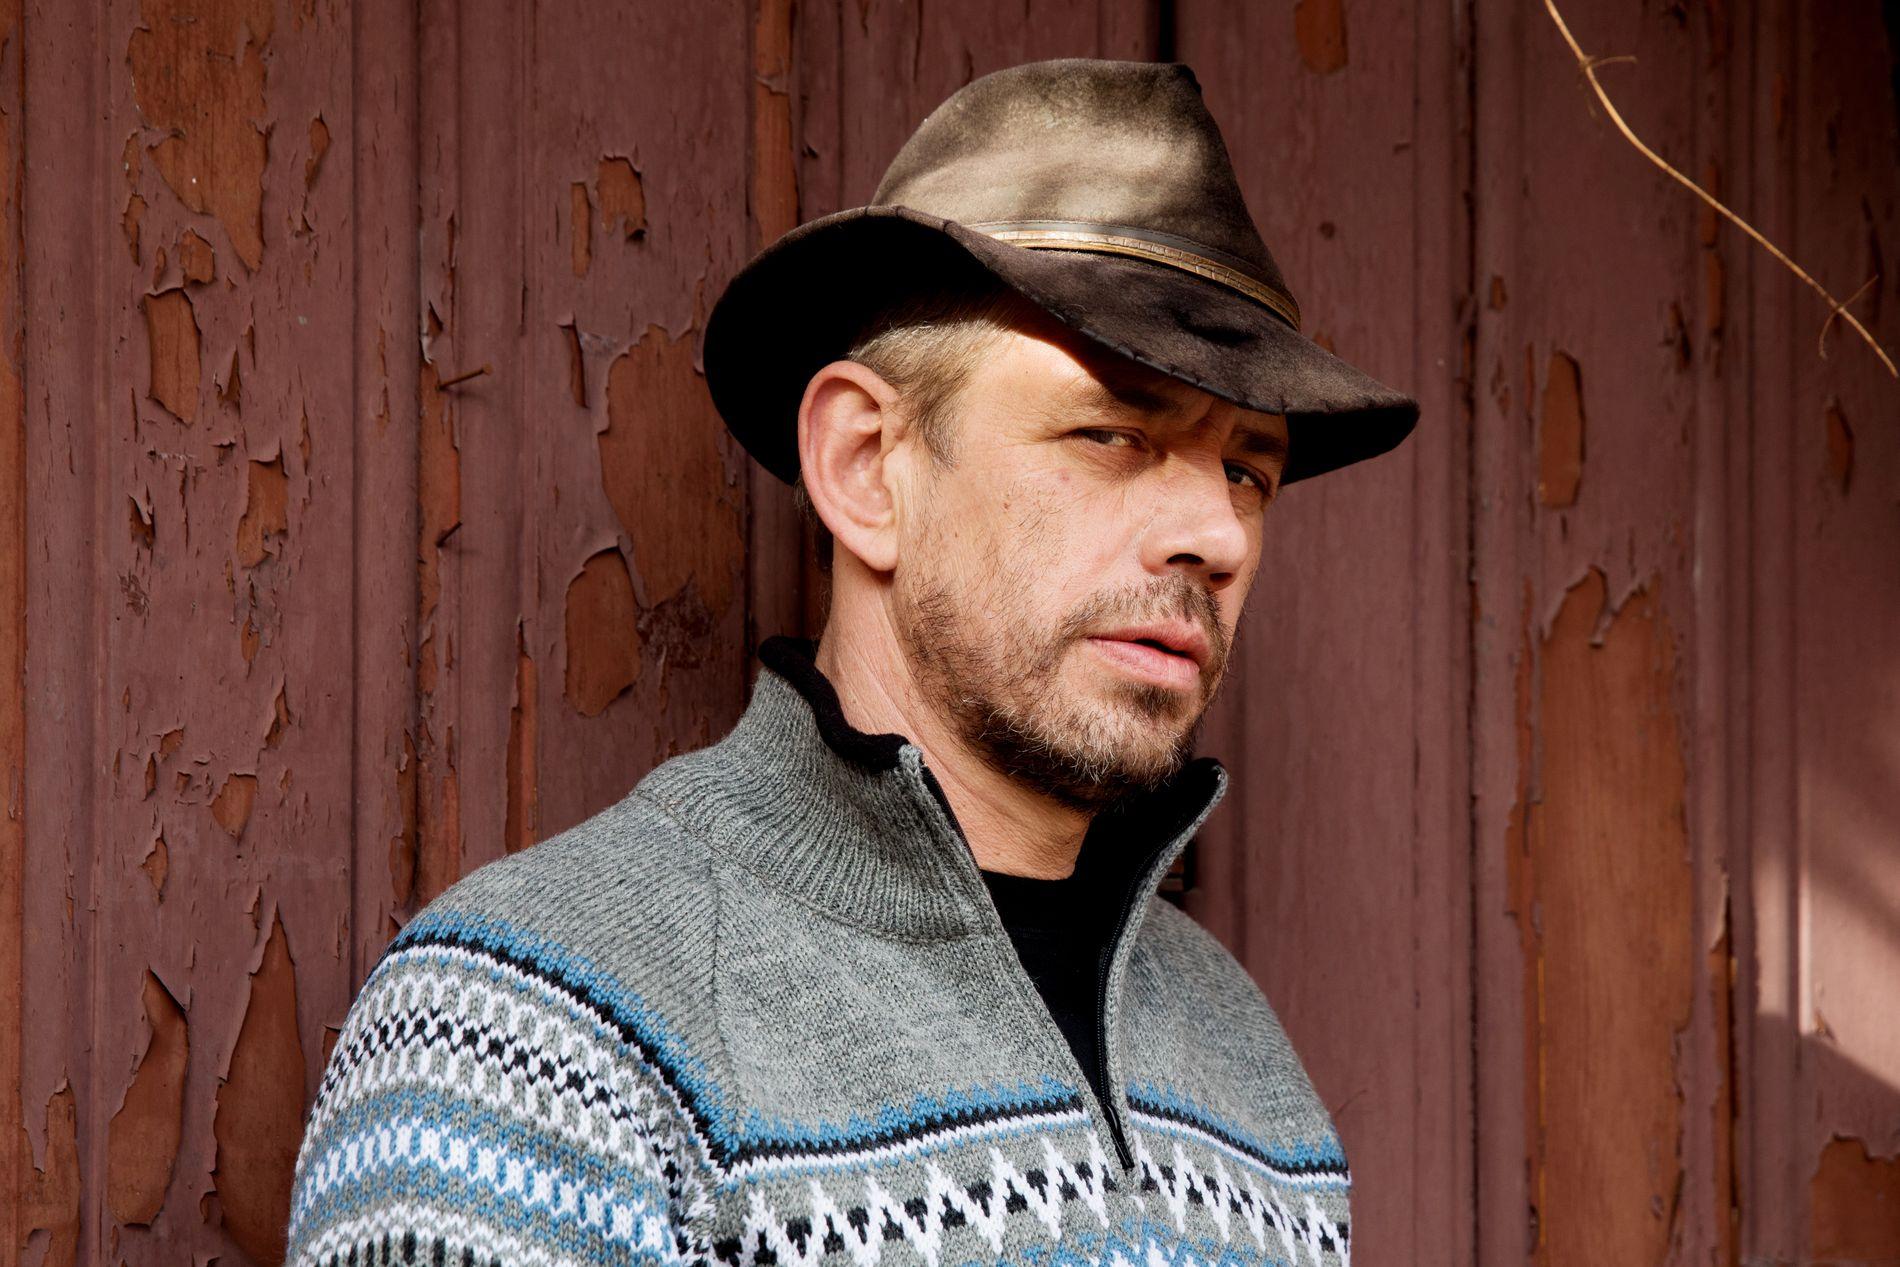 «FARMEN»-VINNEREN: Leif Einar Lothe ble rikskjendis etter seieren i «Farmen kjendis». Da VG møter ham til intervju, stiller han selvfølgelig i egen Lothepus-genser, som han selger gjennom Dale Garn.